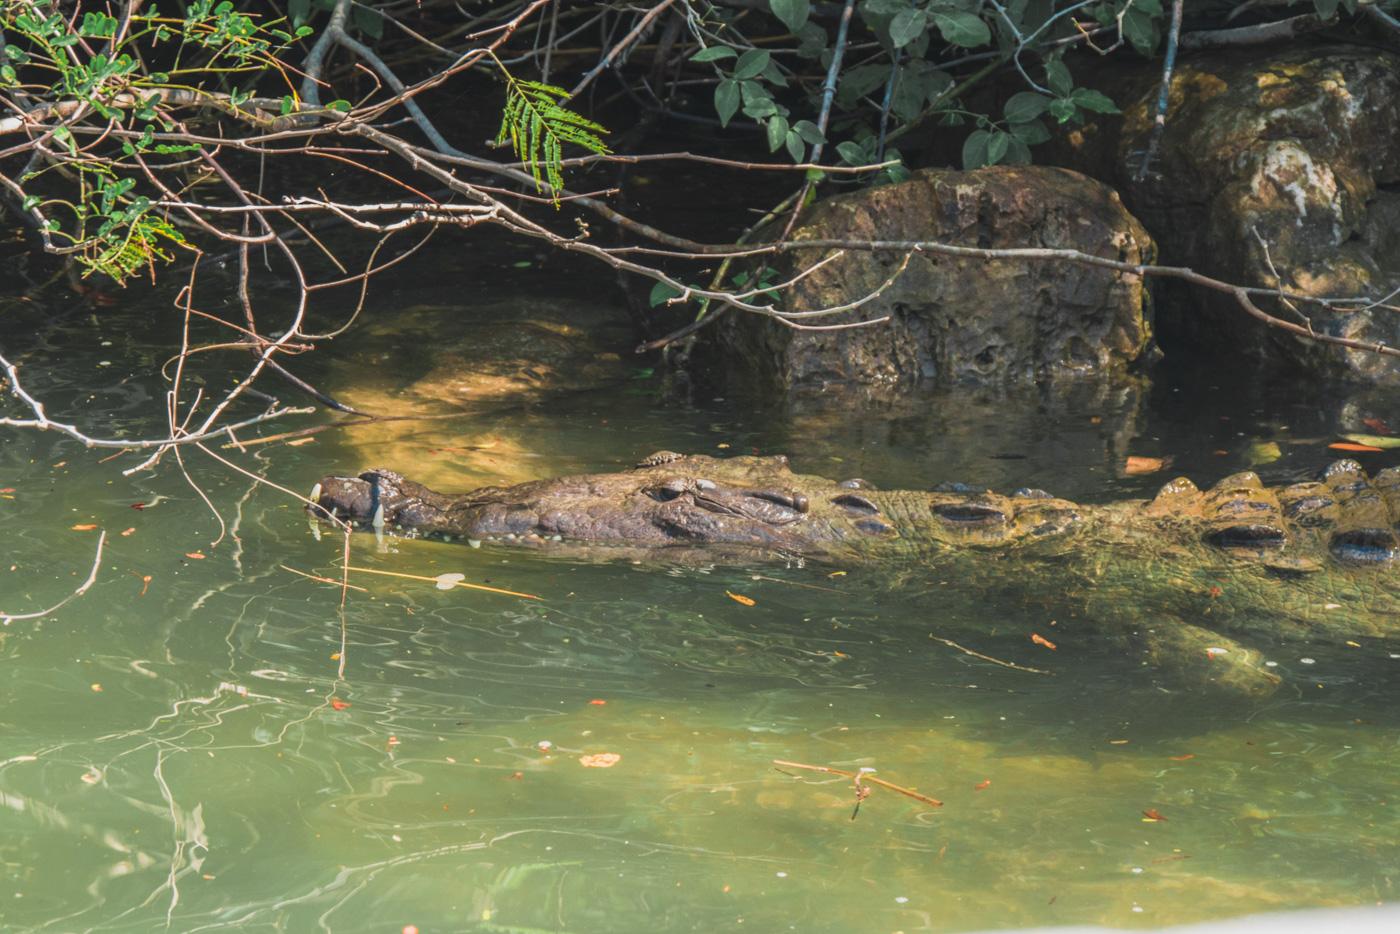 Krokodil im Fluss des Canyon Sumidero in Chiapas